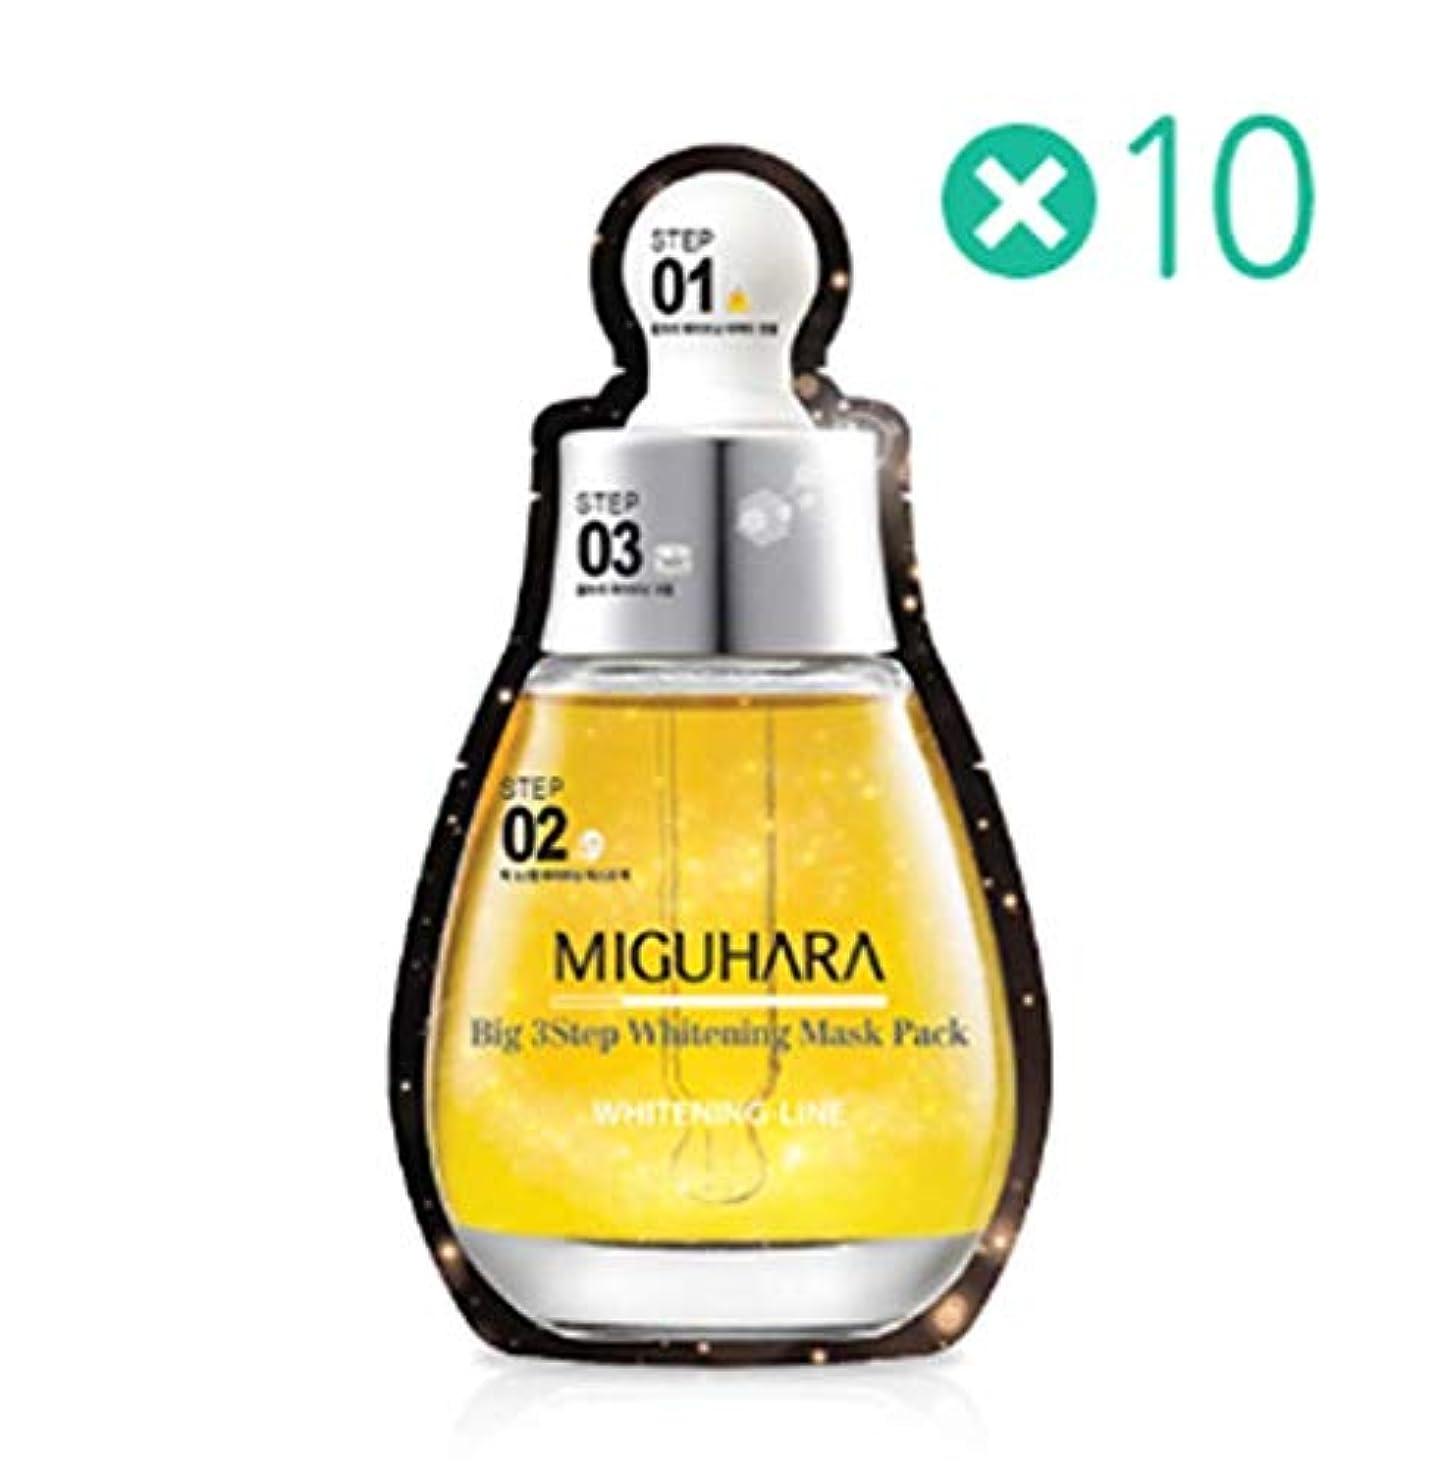 メーターしてはいけない大事にするMIGUHARA ビッグ 3ステップホワイトニングマスクパック/Big3 Step Whitening Mask Pack (1.7ml + 23ml + 1.7ml)*10PCS